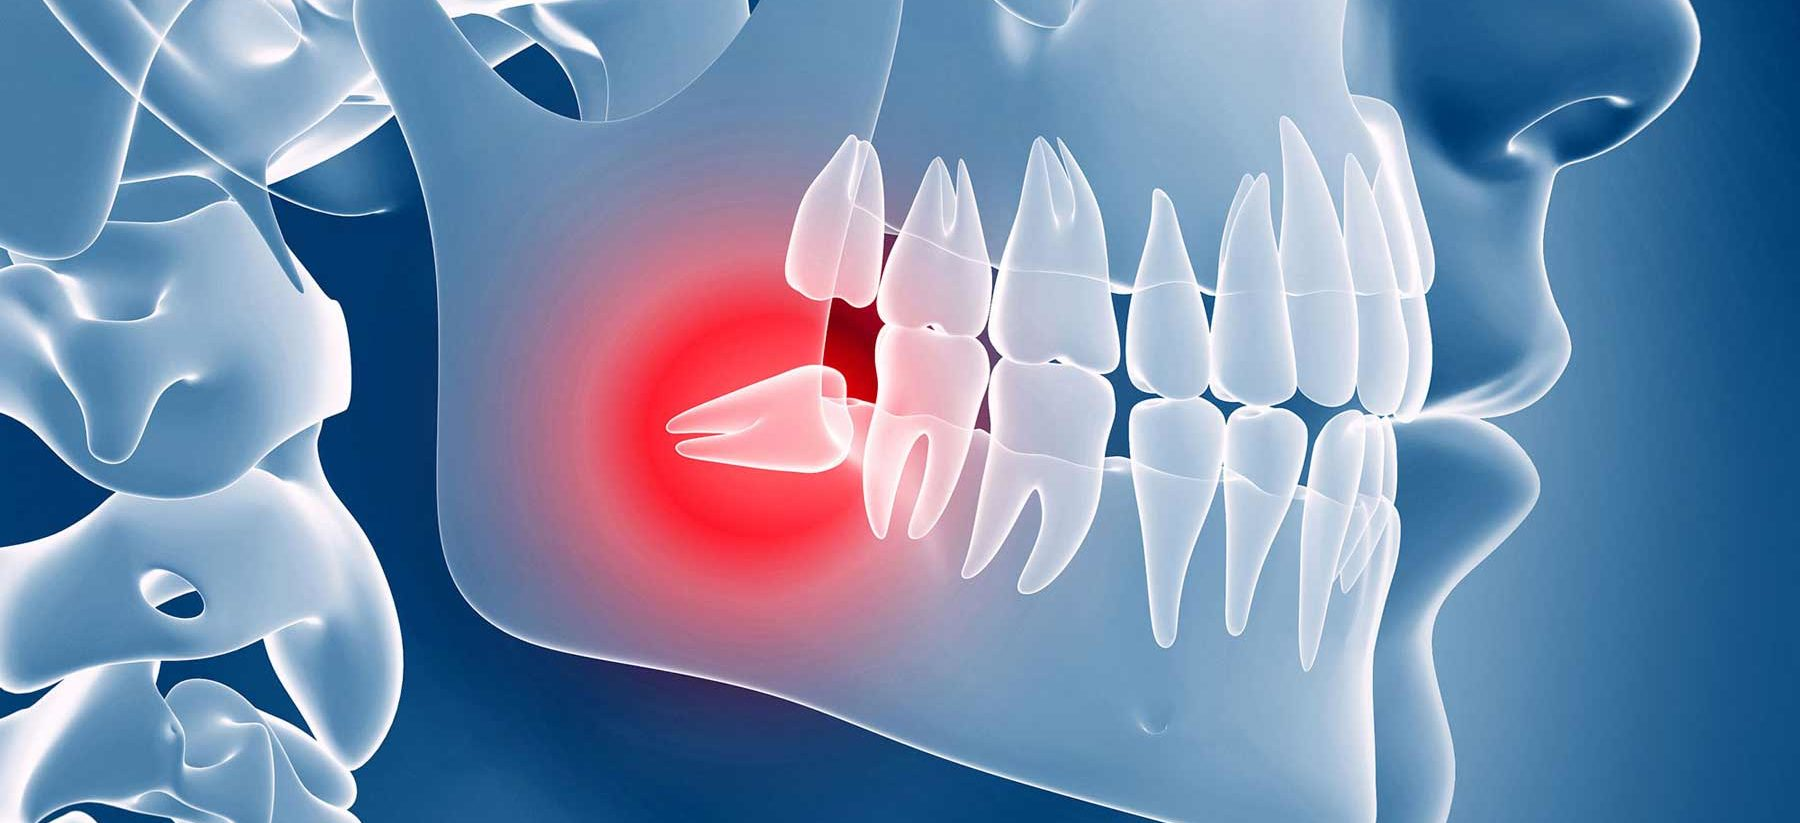 Статья: Нужно ли удалять зуб мудрости?